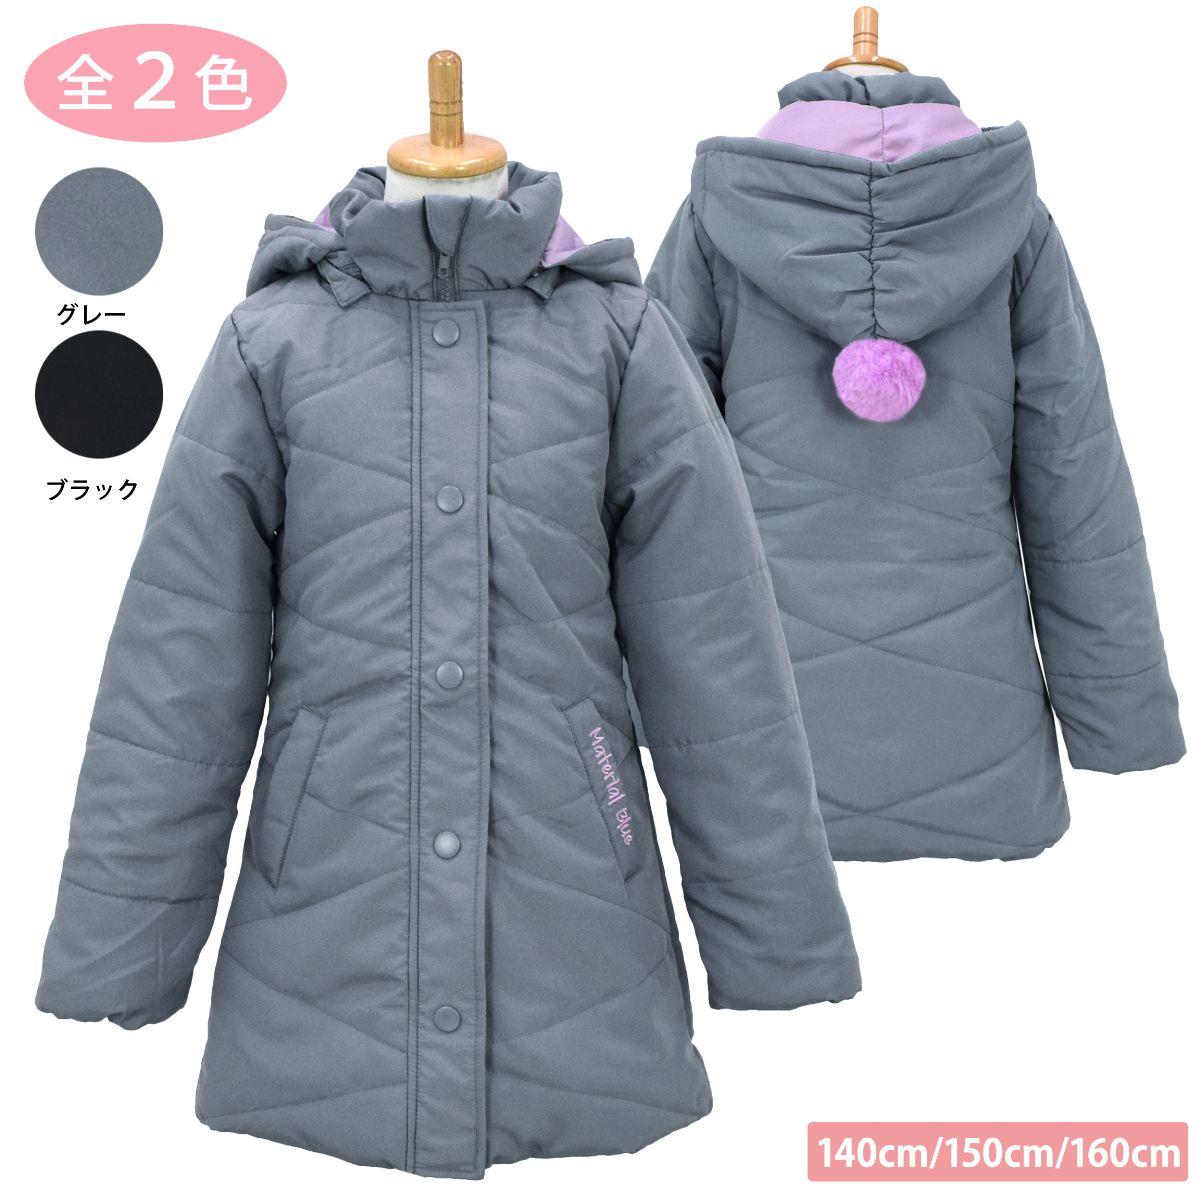 8a1d66702dac5 アスナロ・ファッションマート - 子ども服 レディース メンズ 服 特価 ...